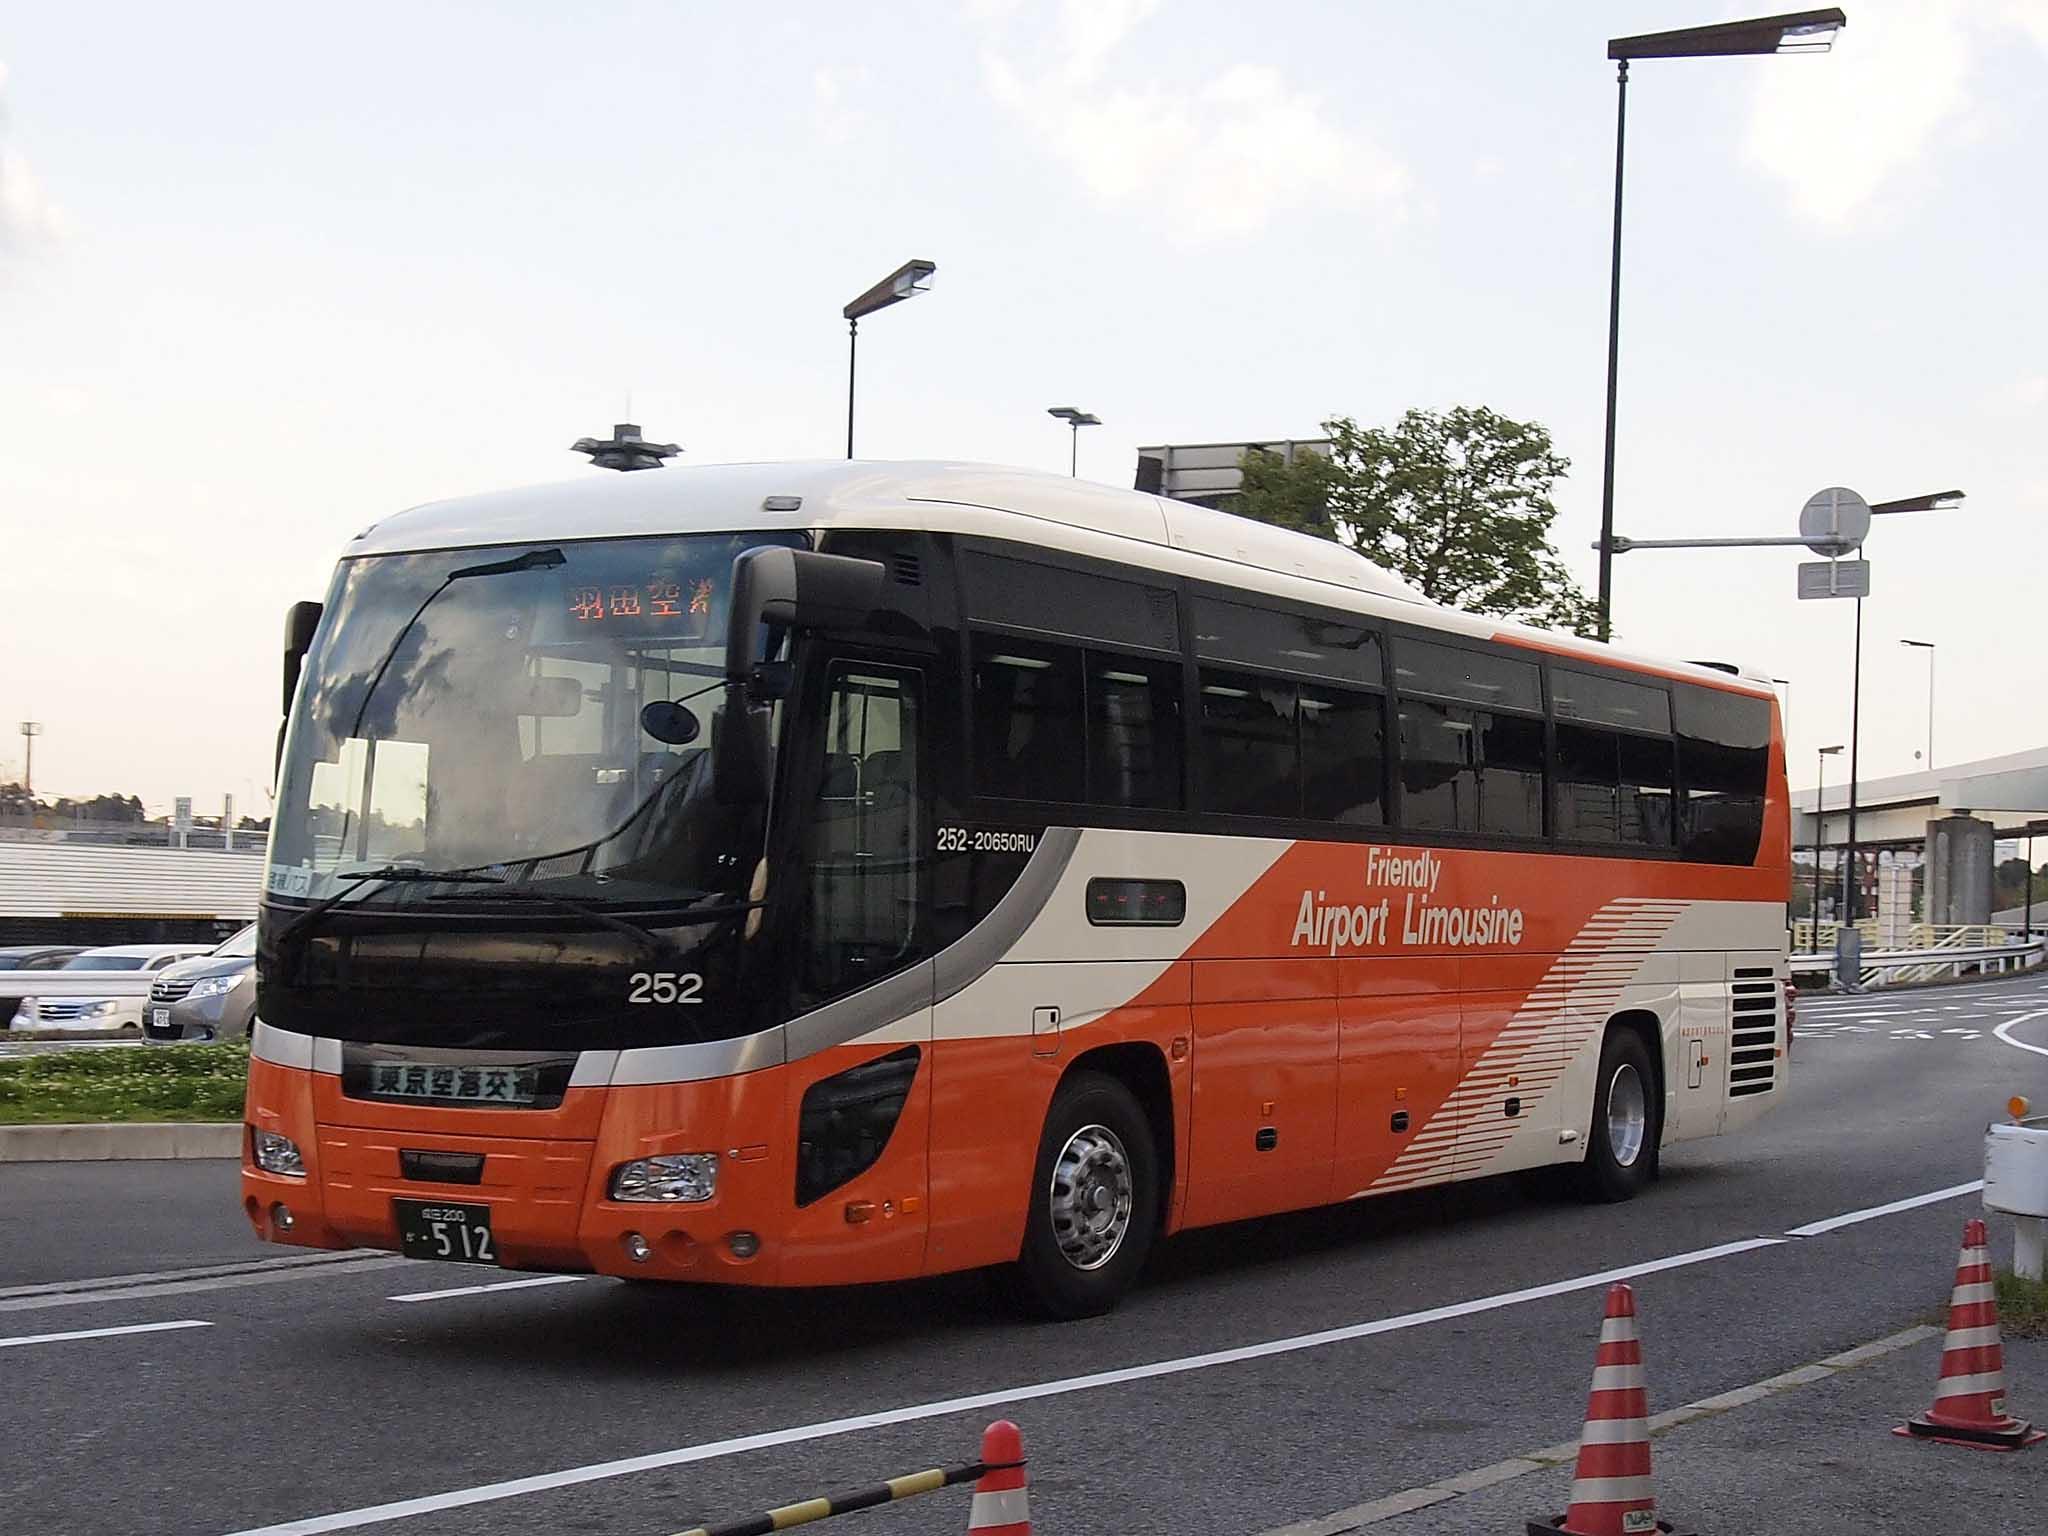 Limo bus, image courtesy of Wikimedia